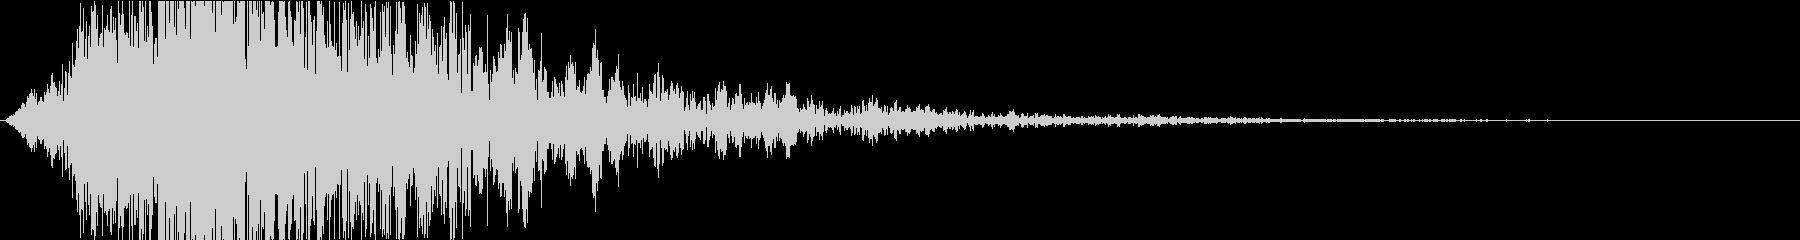 ドシュッ(被ダメージ/被弾)の未再生の波形